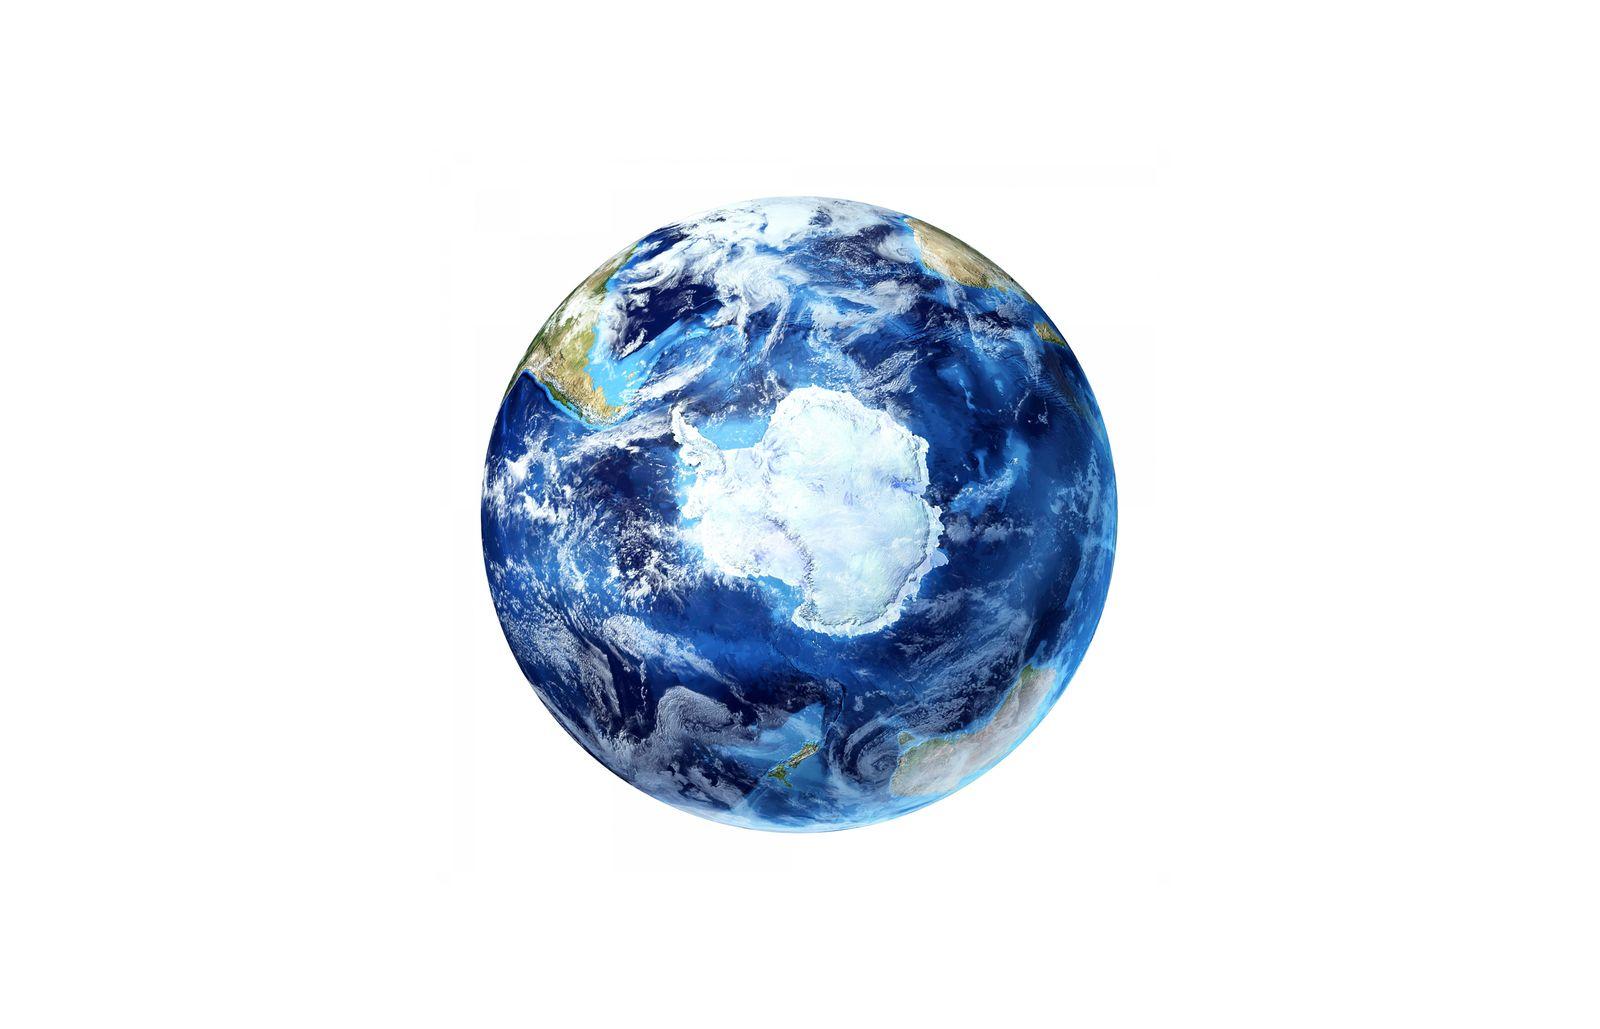 NICHT MEHR VERWENDEN! - Erde / Planet